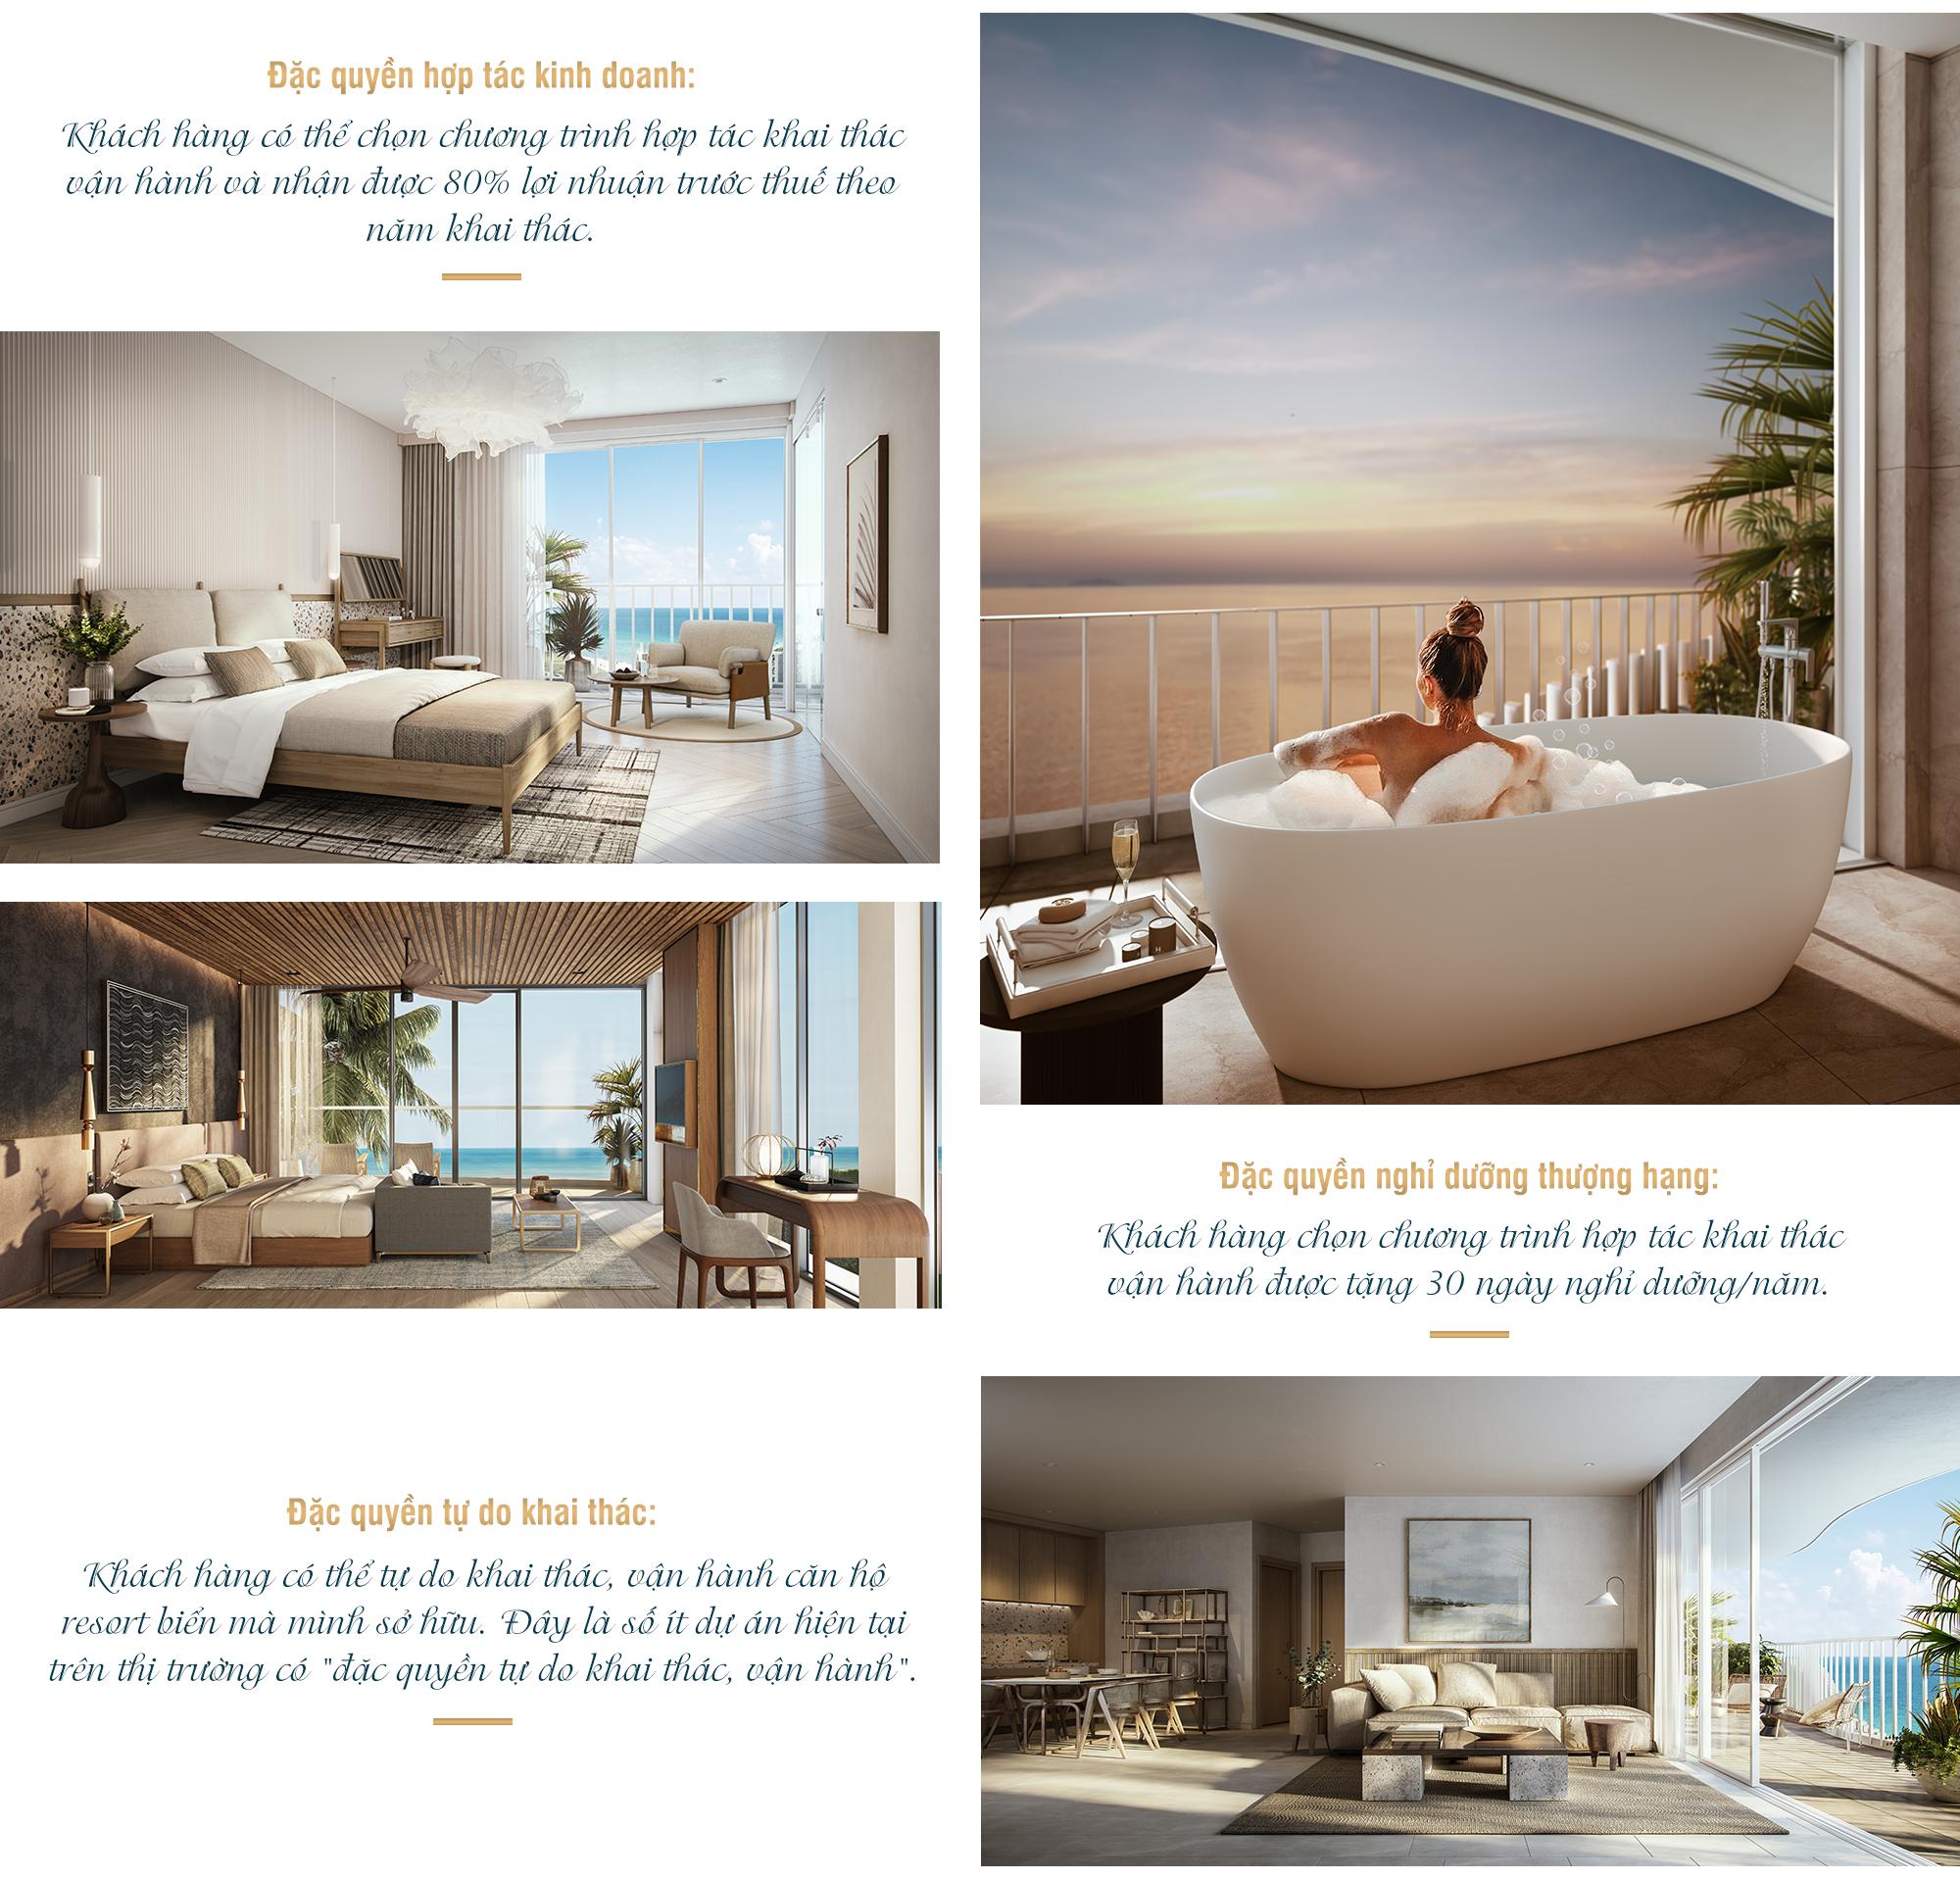 BĐS ven Hội An thắng thế nhờ dòng sản phẩm mới Shantira Beach Resort & Spa - Ảnh 11.